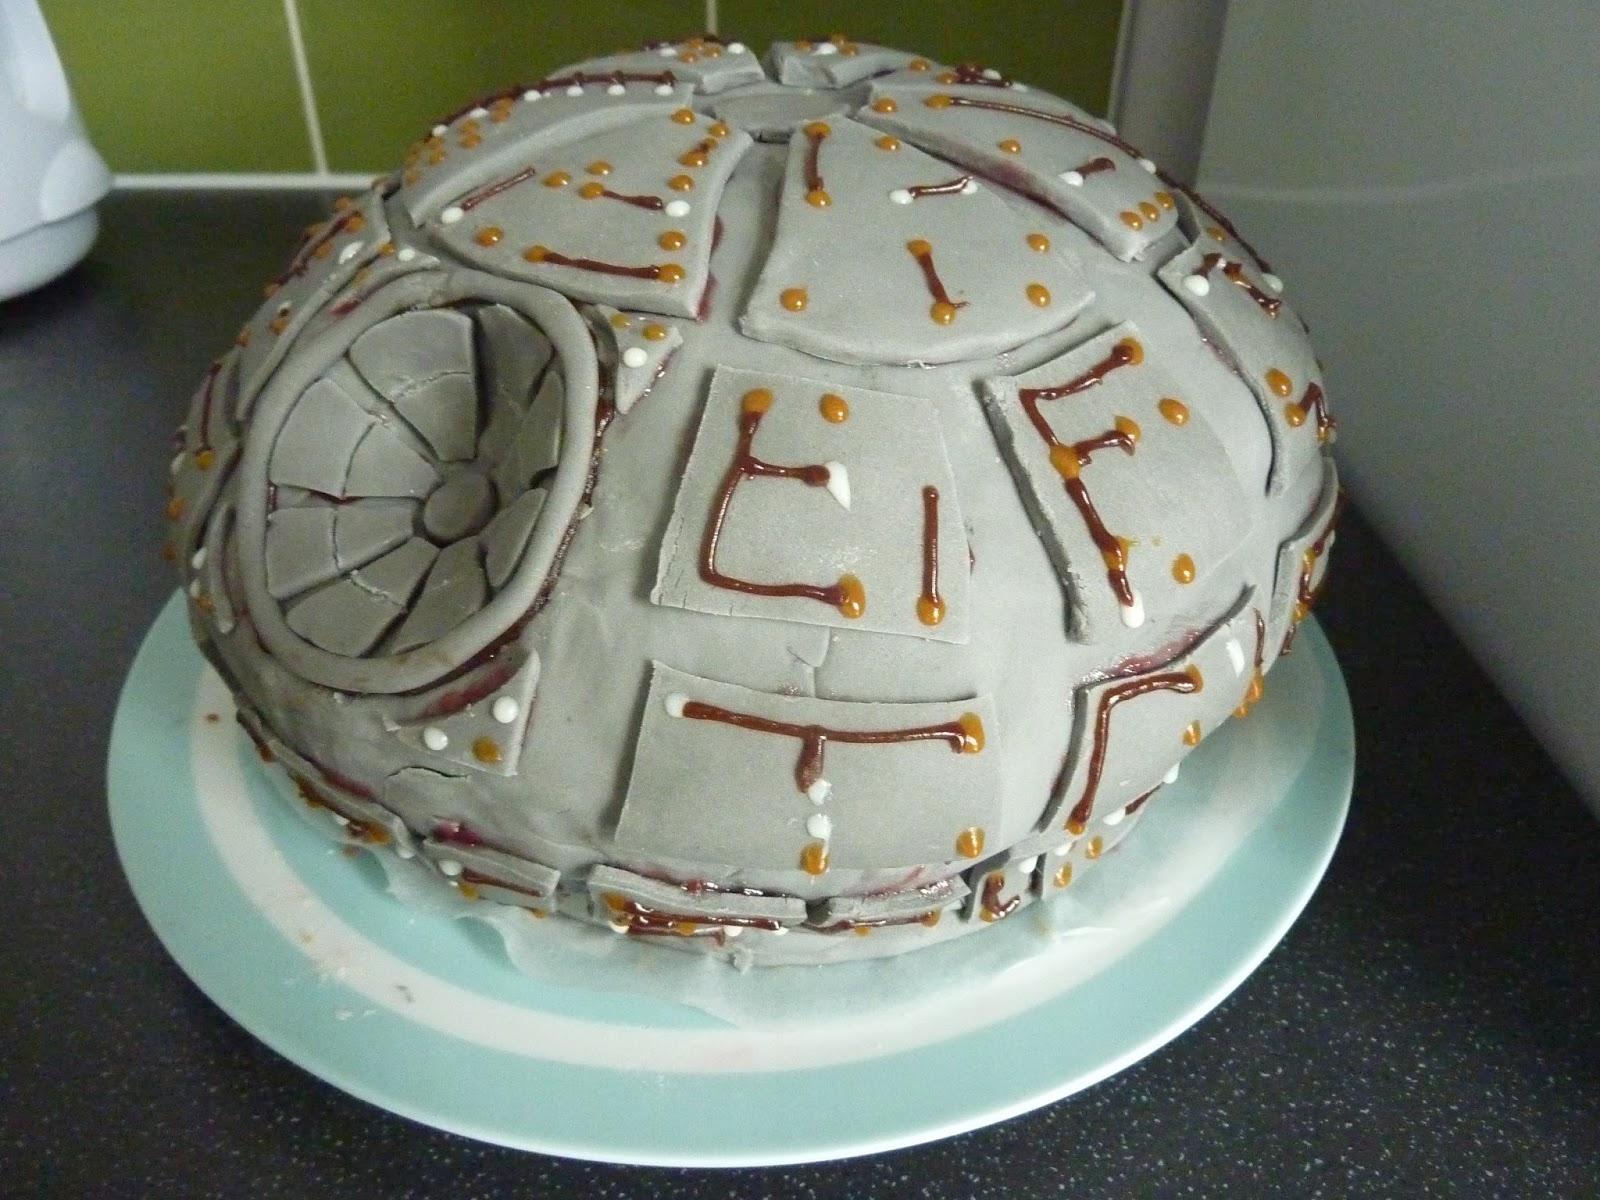 Einenachteulereist Death Star Cake Todesstern Kuchen